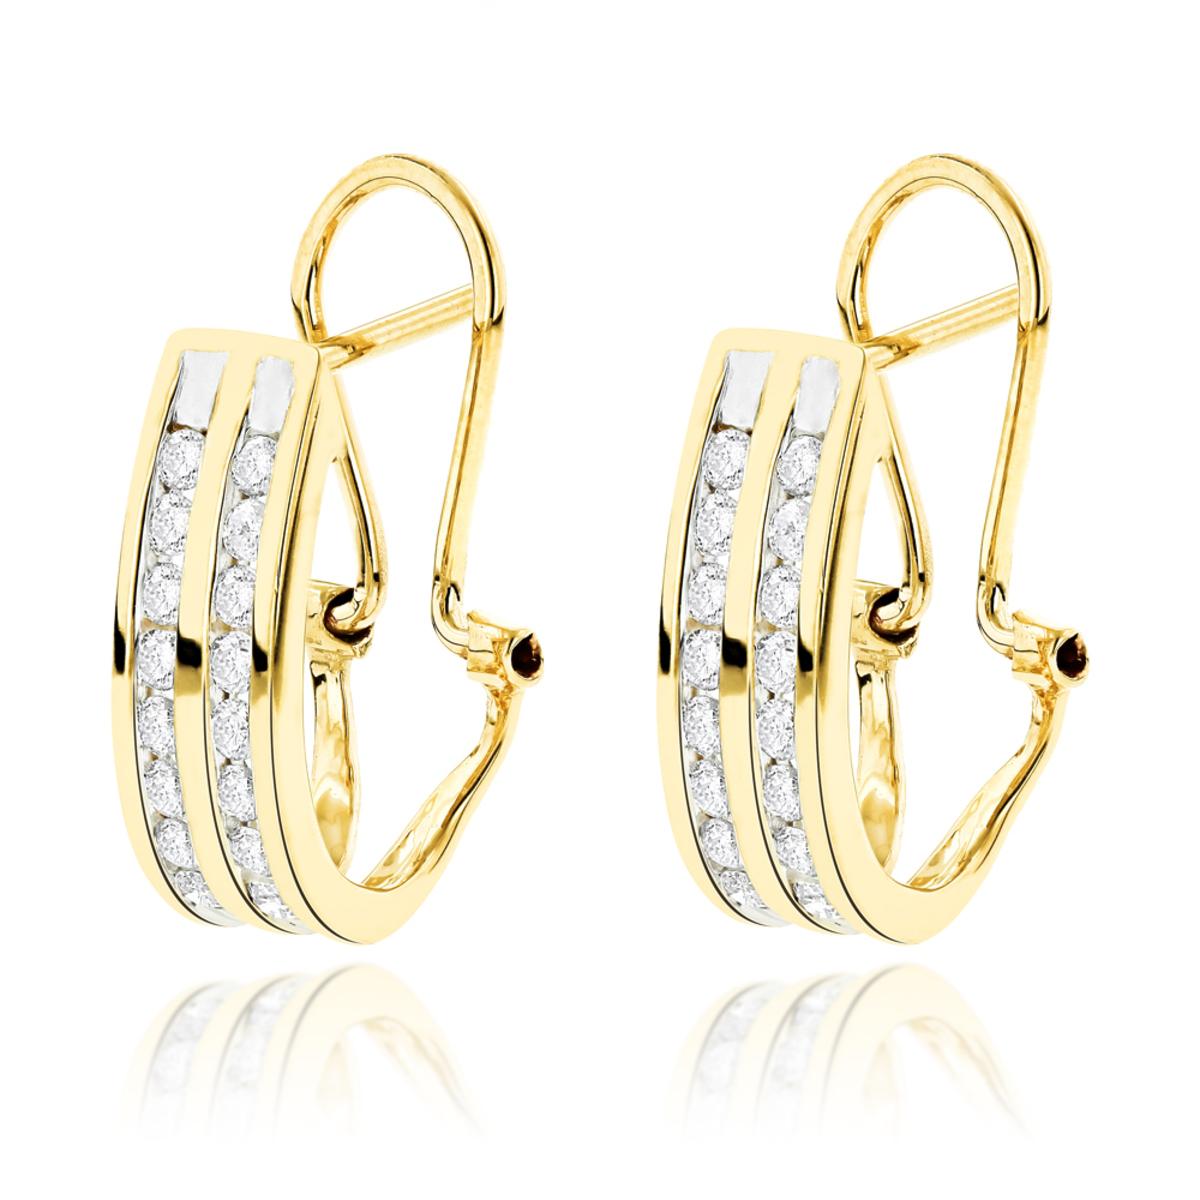 14K Gold Round Diamond Hoop Earrings 0.63ct